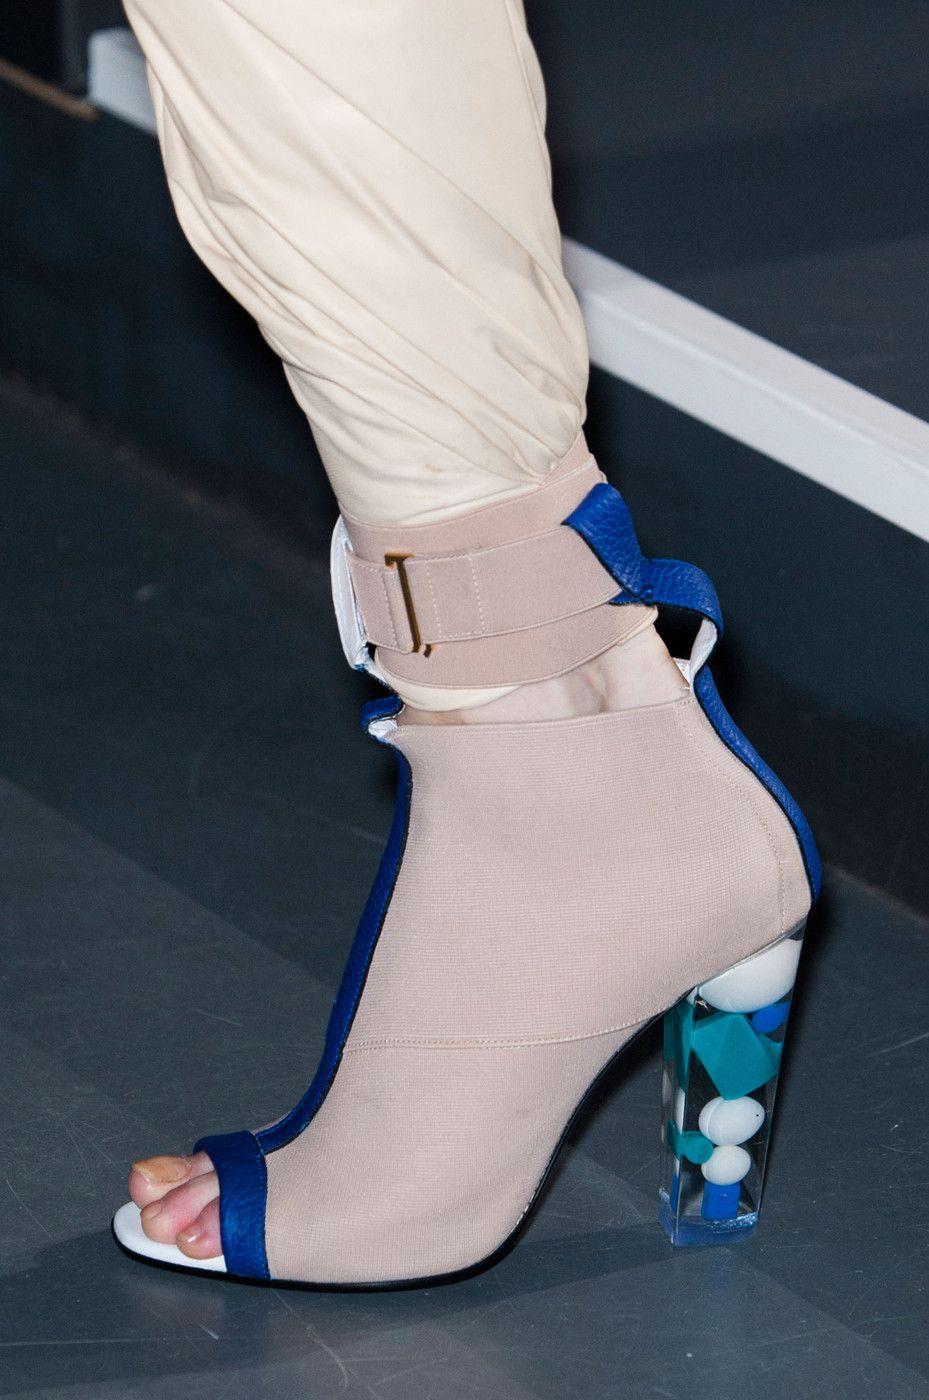 153 лучшие пары обуви Недели моды в Париже | Мода на кожу